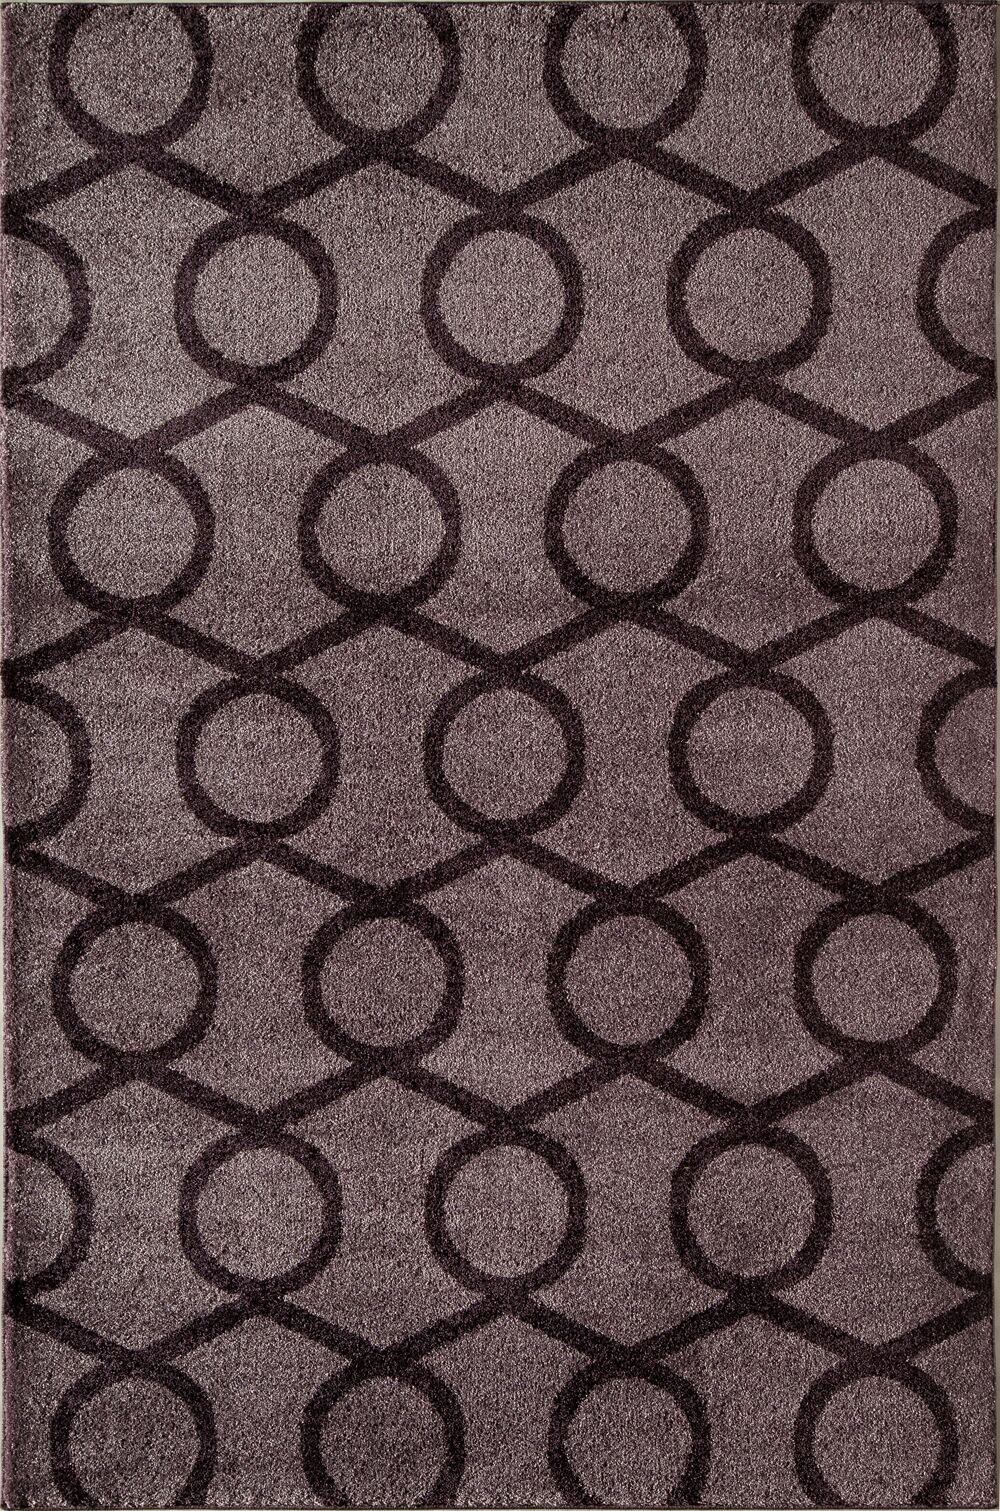 Lavender Area Rug Rug Size: Rectangle 7'10